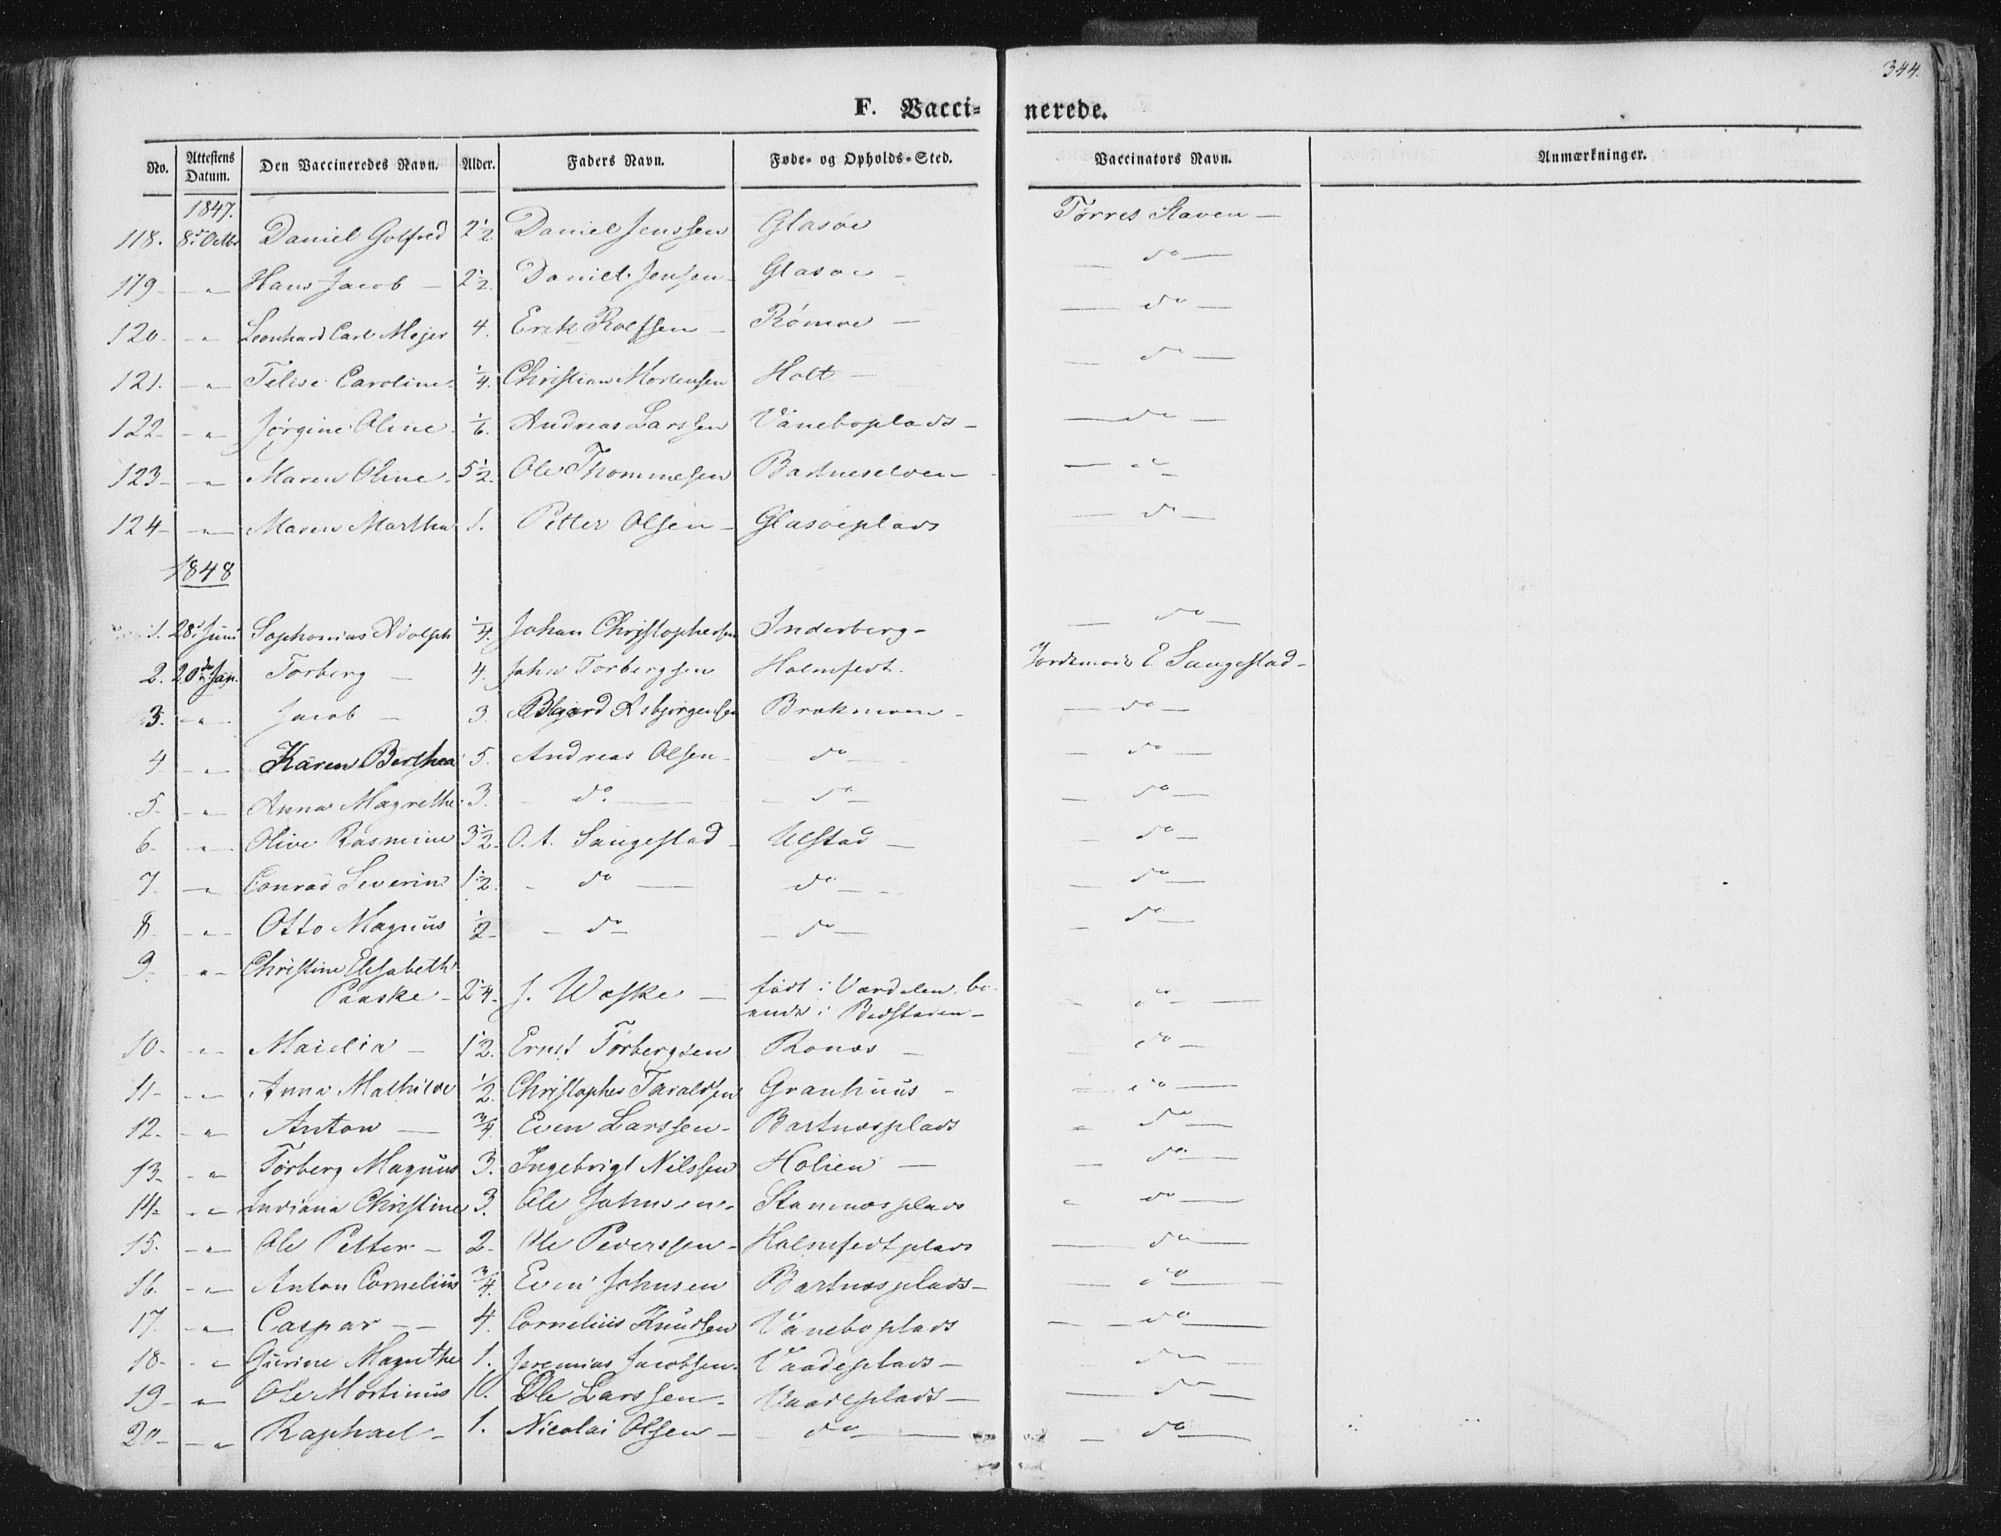 SAT, Ministerialprotokoller, klokkerbøker og fødselsregistre - Nord-Trøndelag, 741/L0392: Ministerialbok nr. 741A06, 1836-1848, s. 344